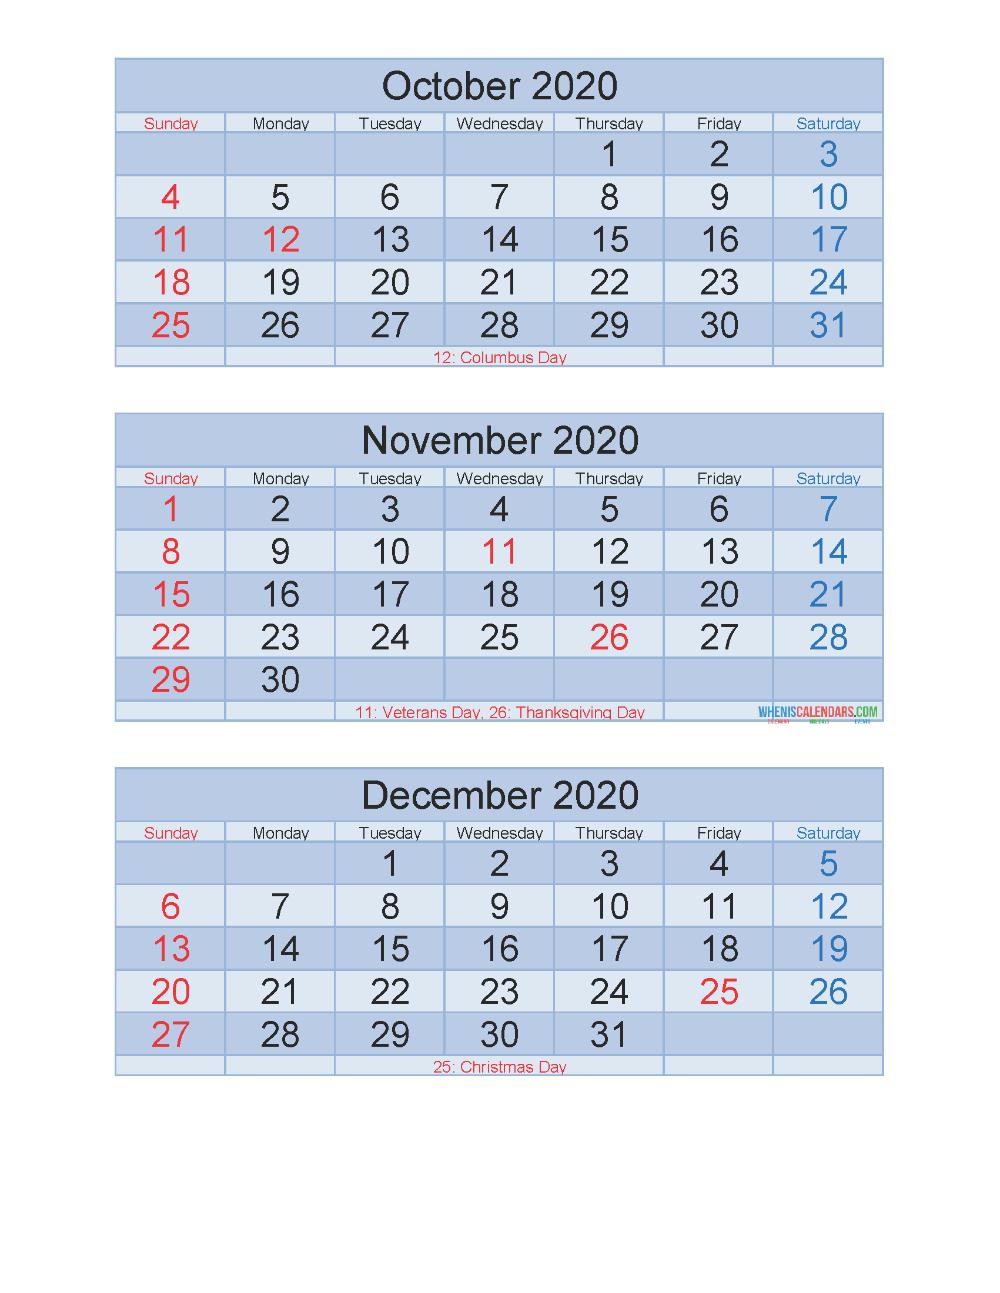 Free Printable 3 Month Calendar 2020 Oct Nov Dec Pdf, Excel pertaining to 3 Month Calendar 2020 Excel